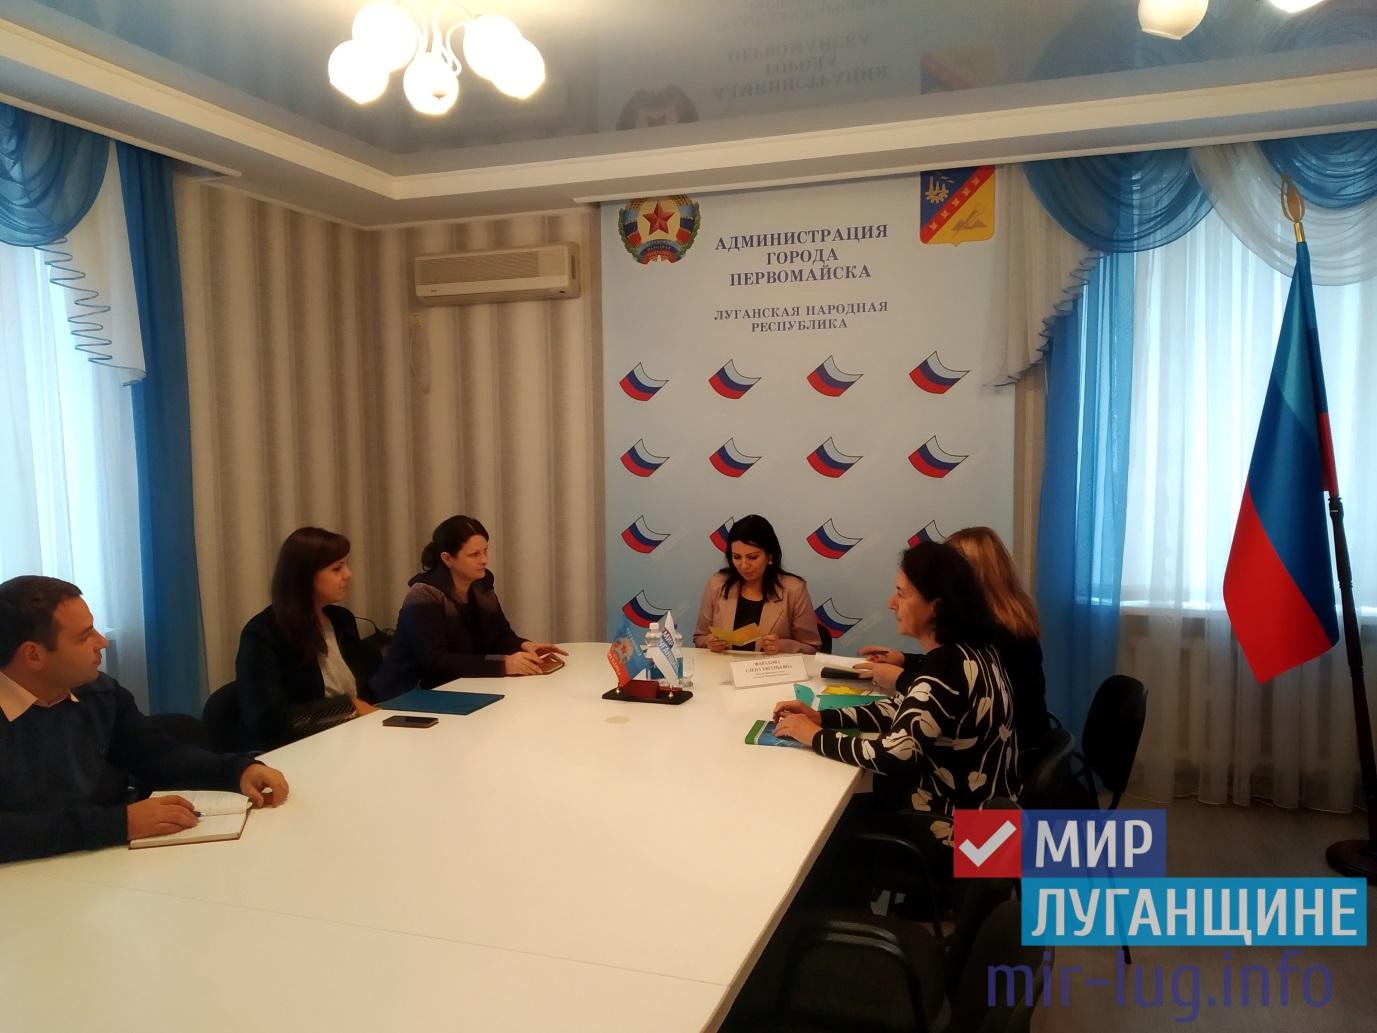 Елена Фарахова встретилась с жителями Первомайска 1